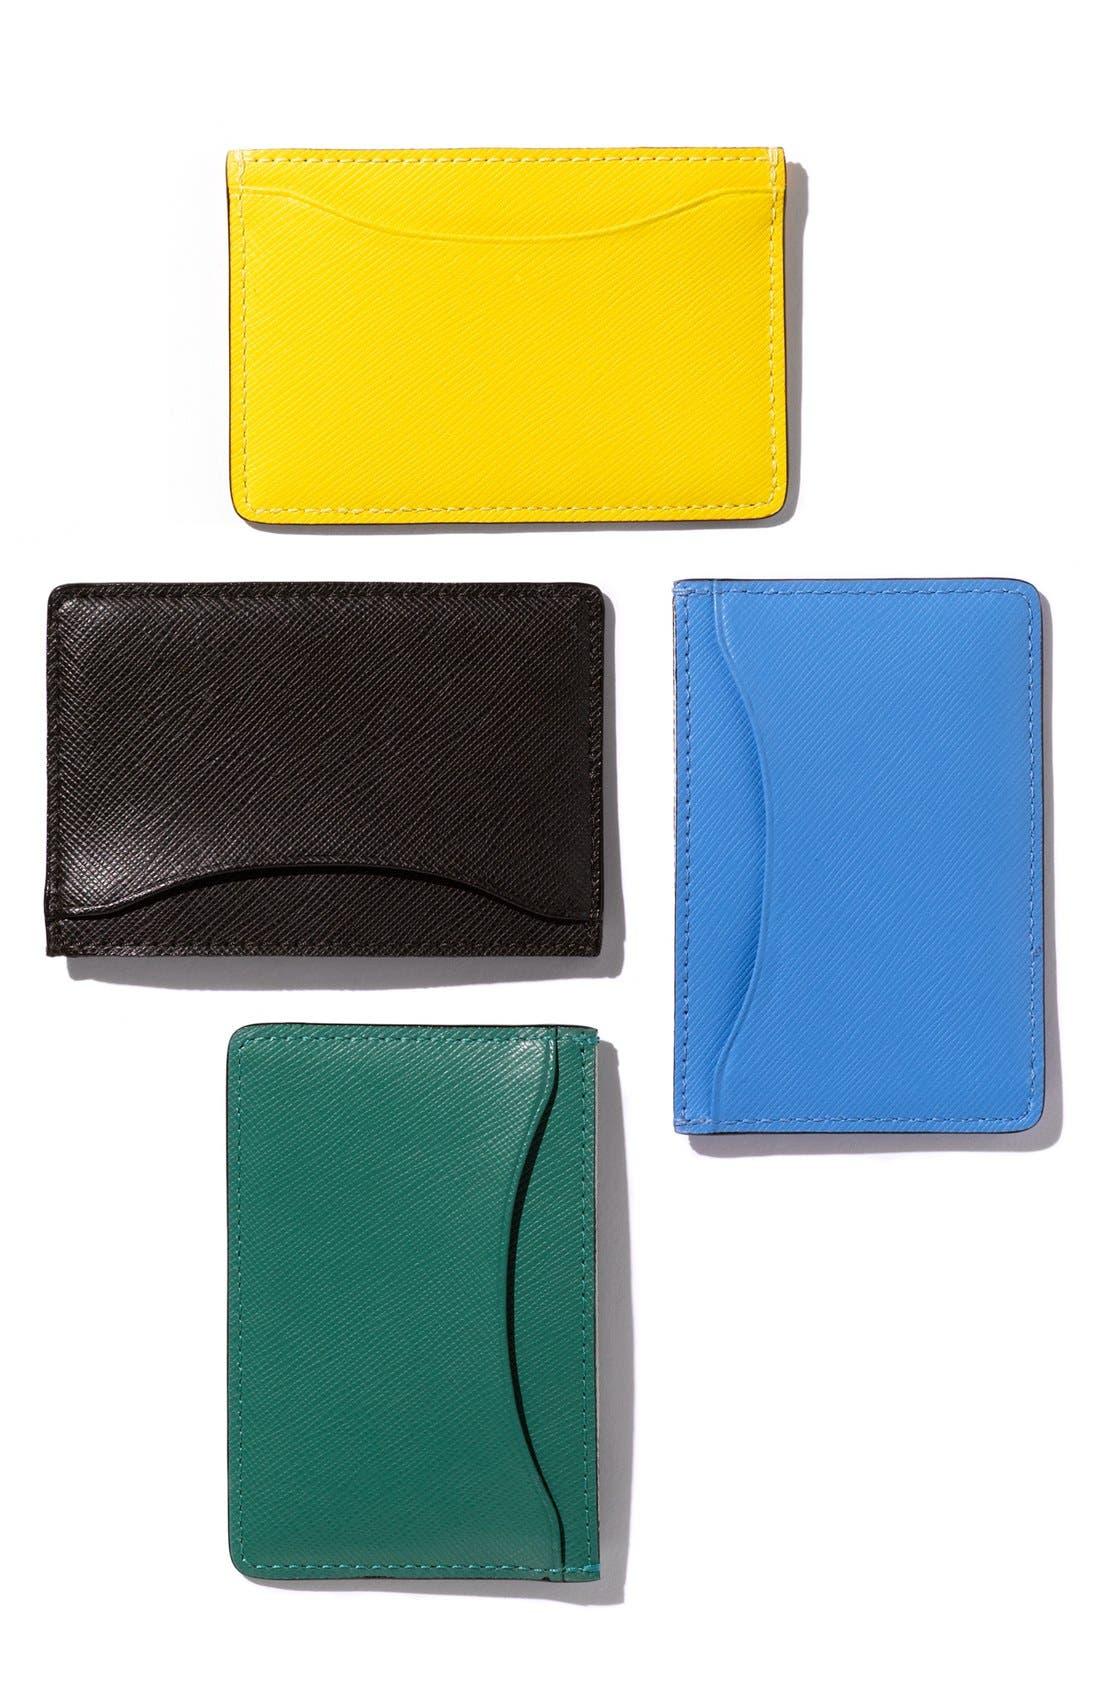 Alternate Image 2  - Jack Spade Crosshatched Leather Card Holder